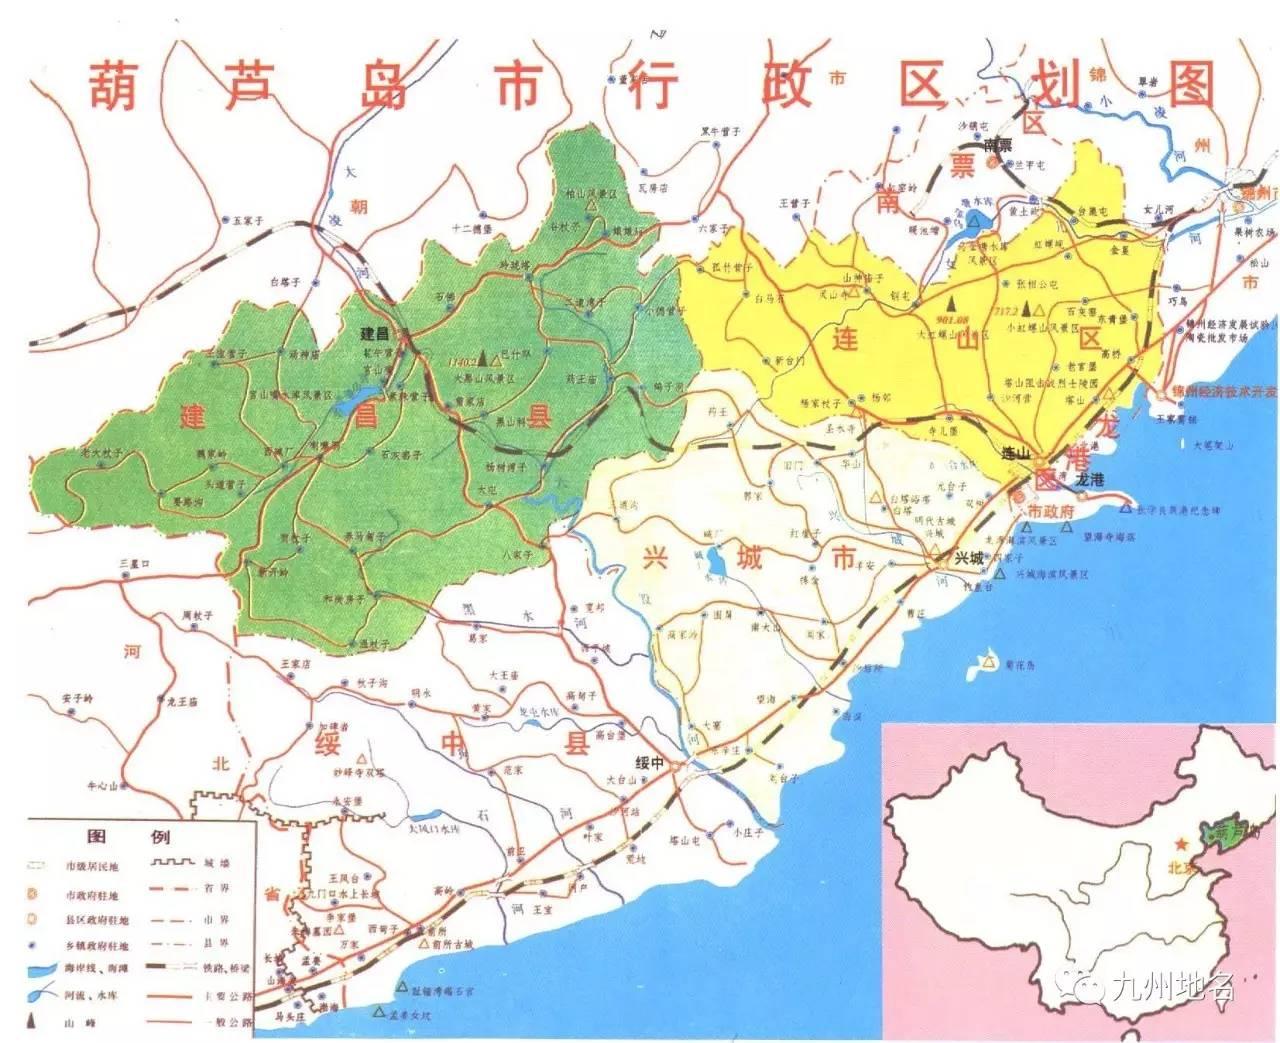 人口迁徙-地名历史 辽宁 兴城 东北地区使用最久的县名